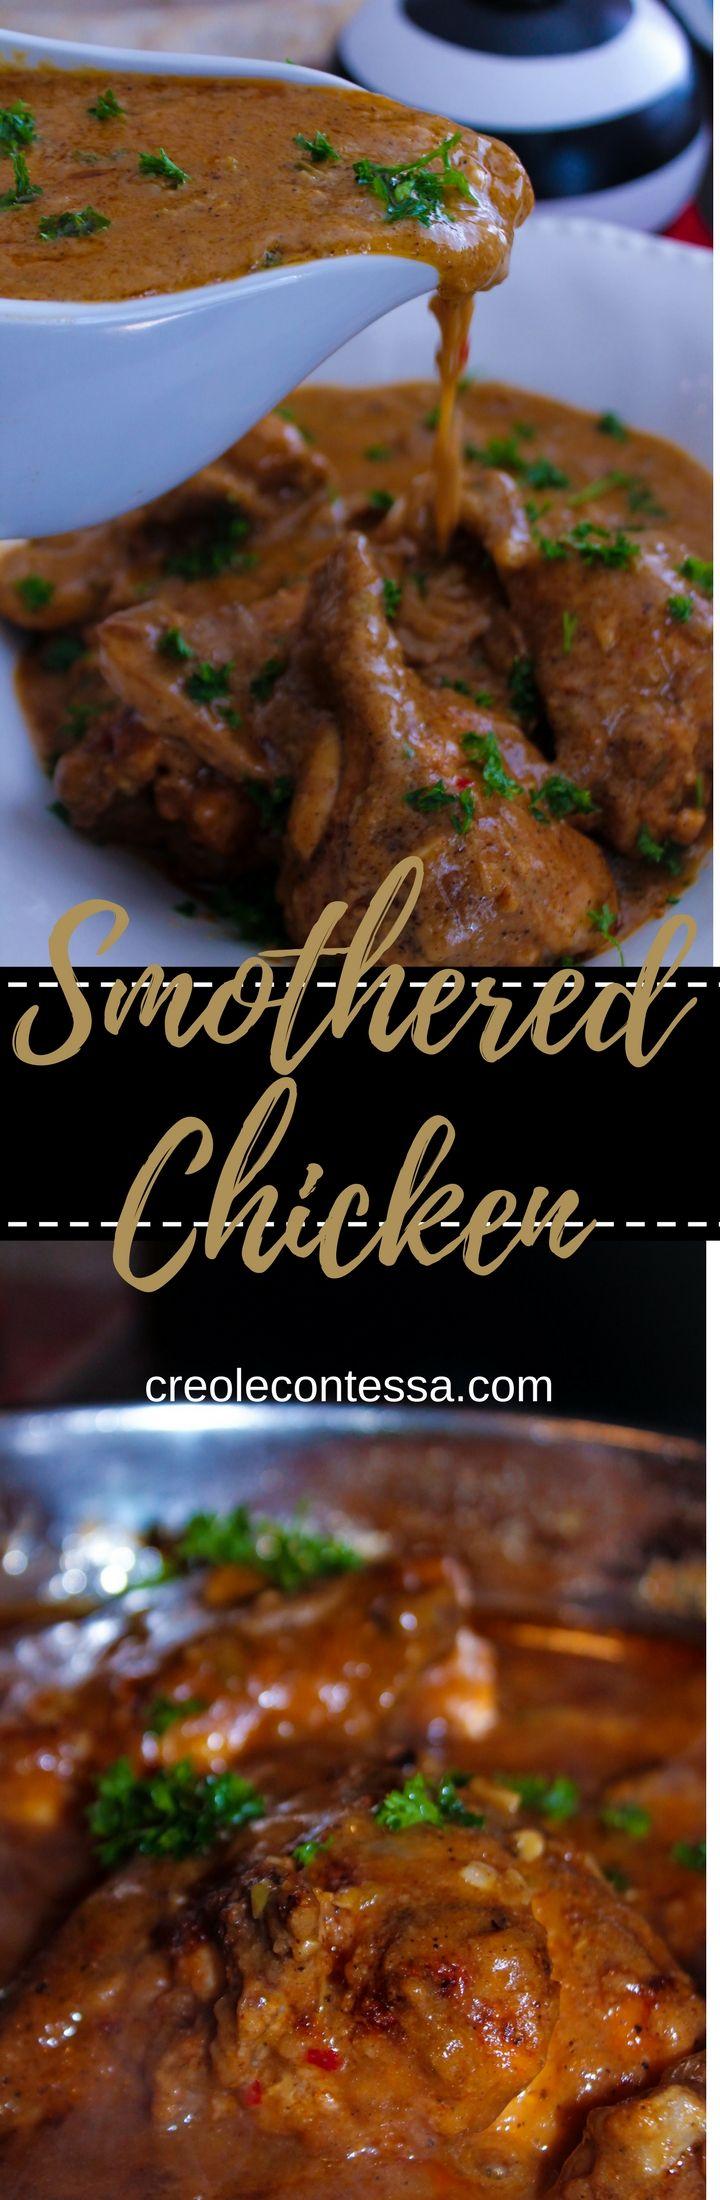 Smothered Chicken with Creamy Mushroom Gravy - Creole Contessa